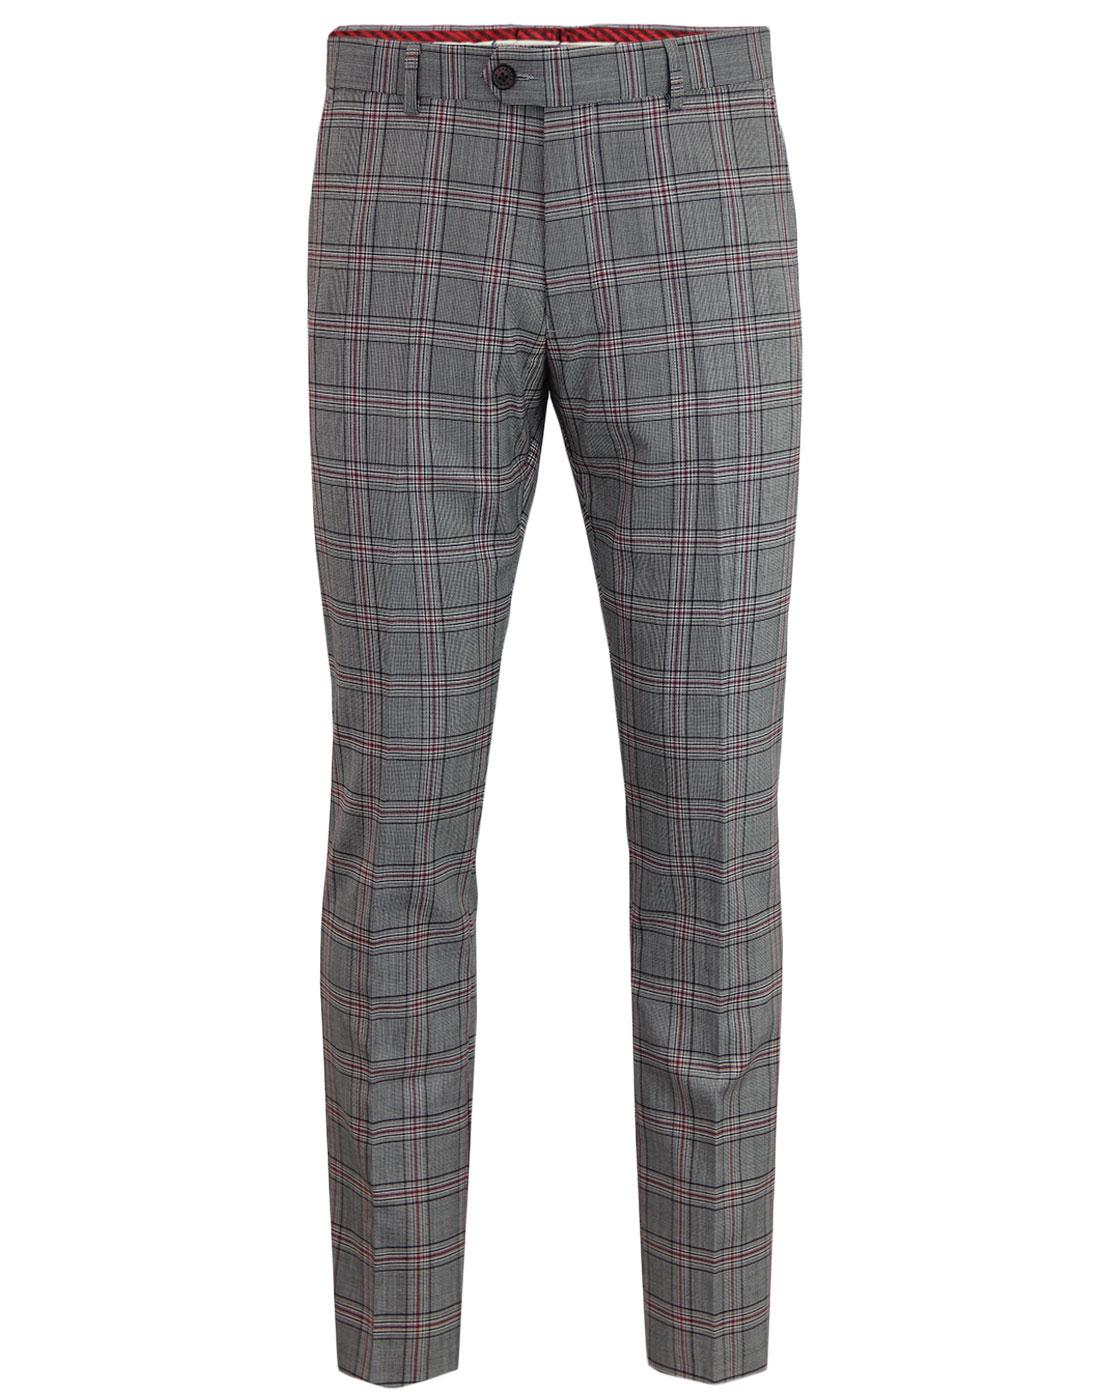 Aspen GABICCI VINTAGE Mod POW Check Suit Trousers